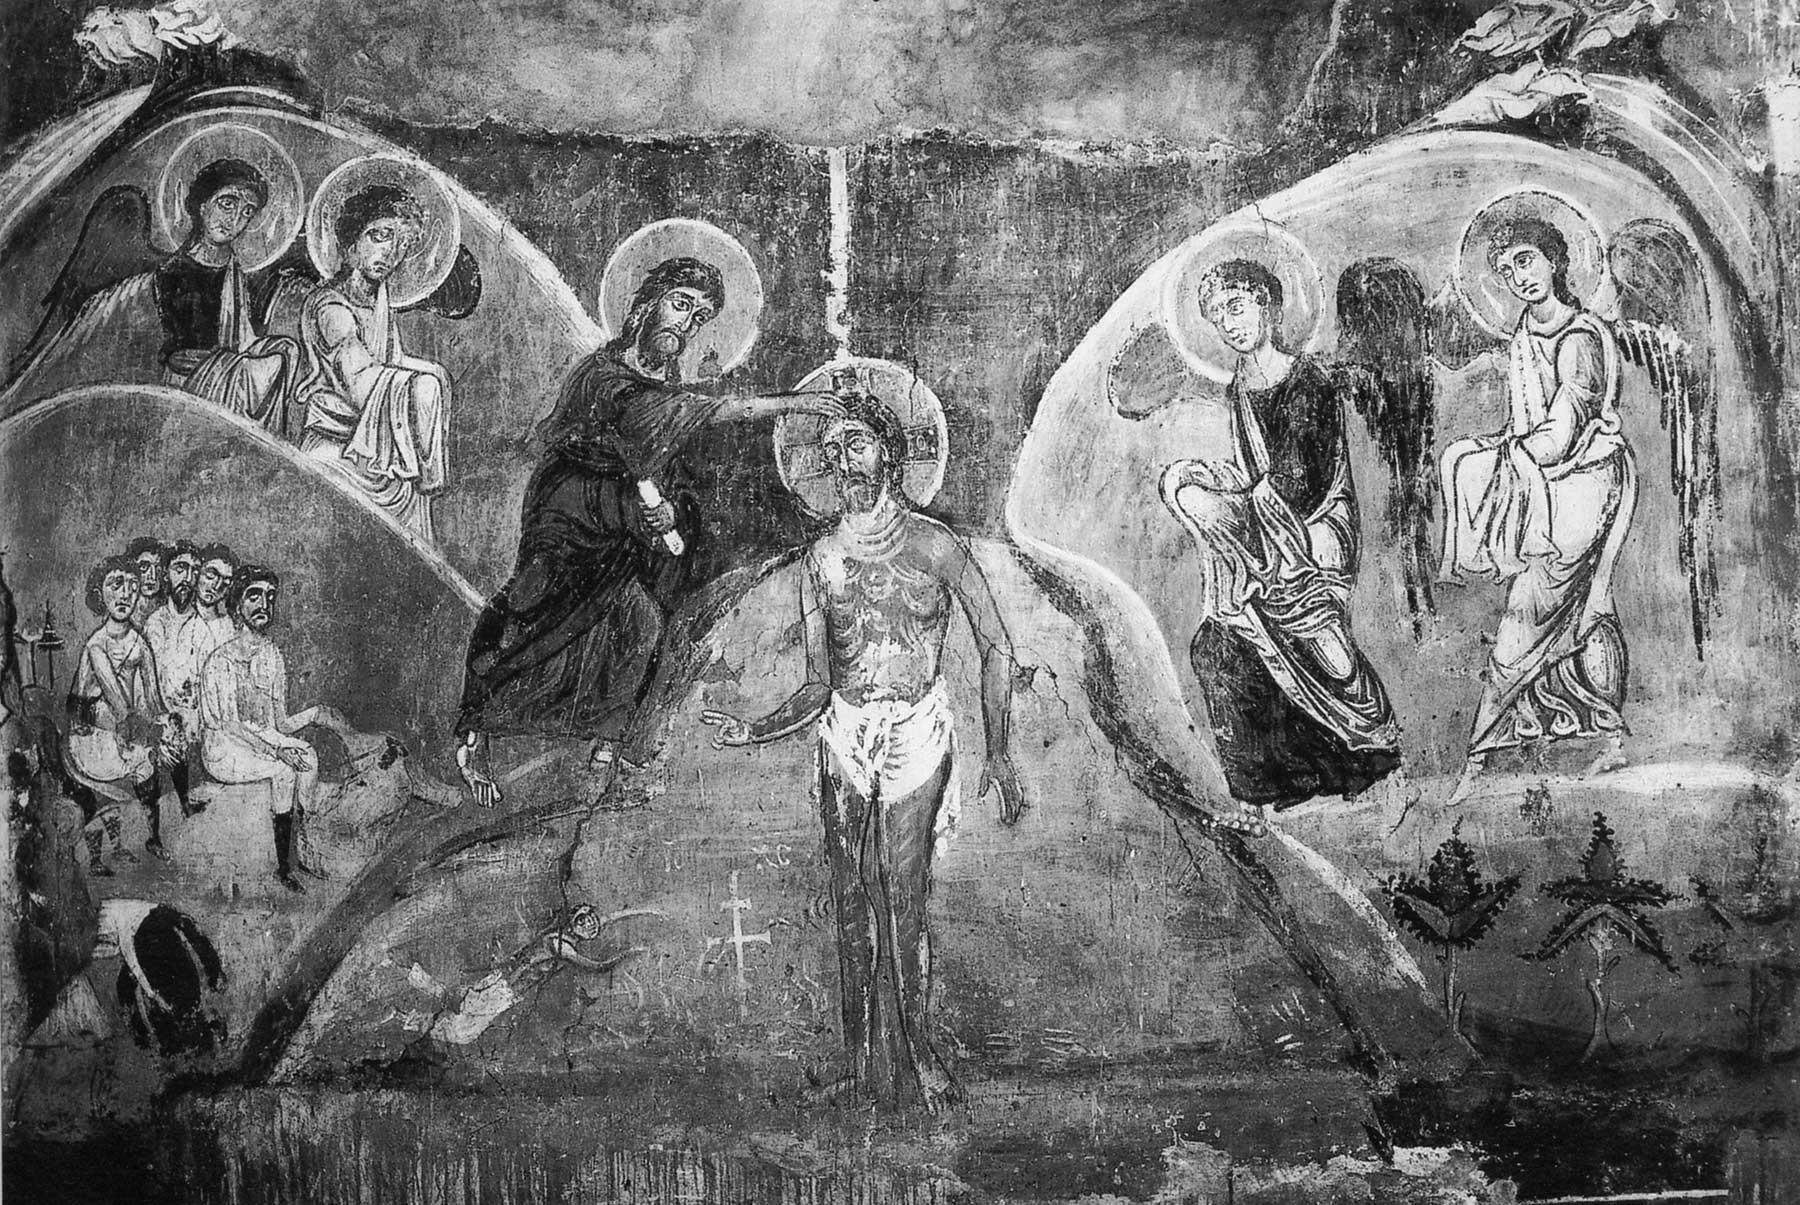 Крещение, фреска церкви Спаса на Нередице близ Новгорода, 12в.